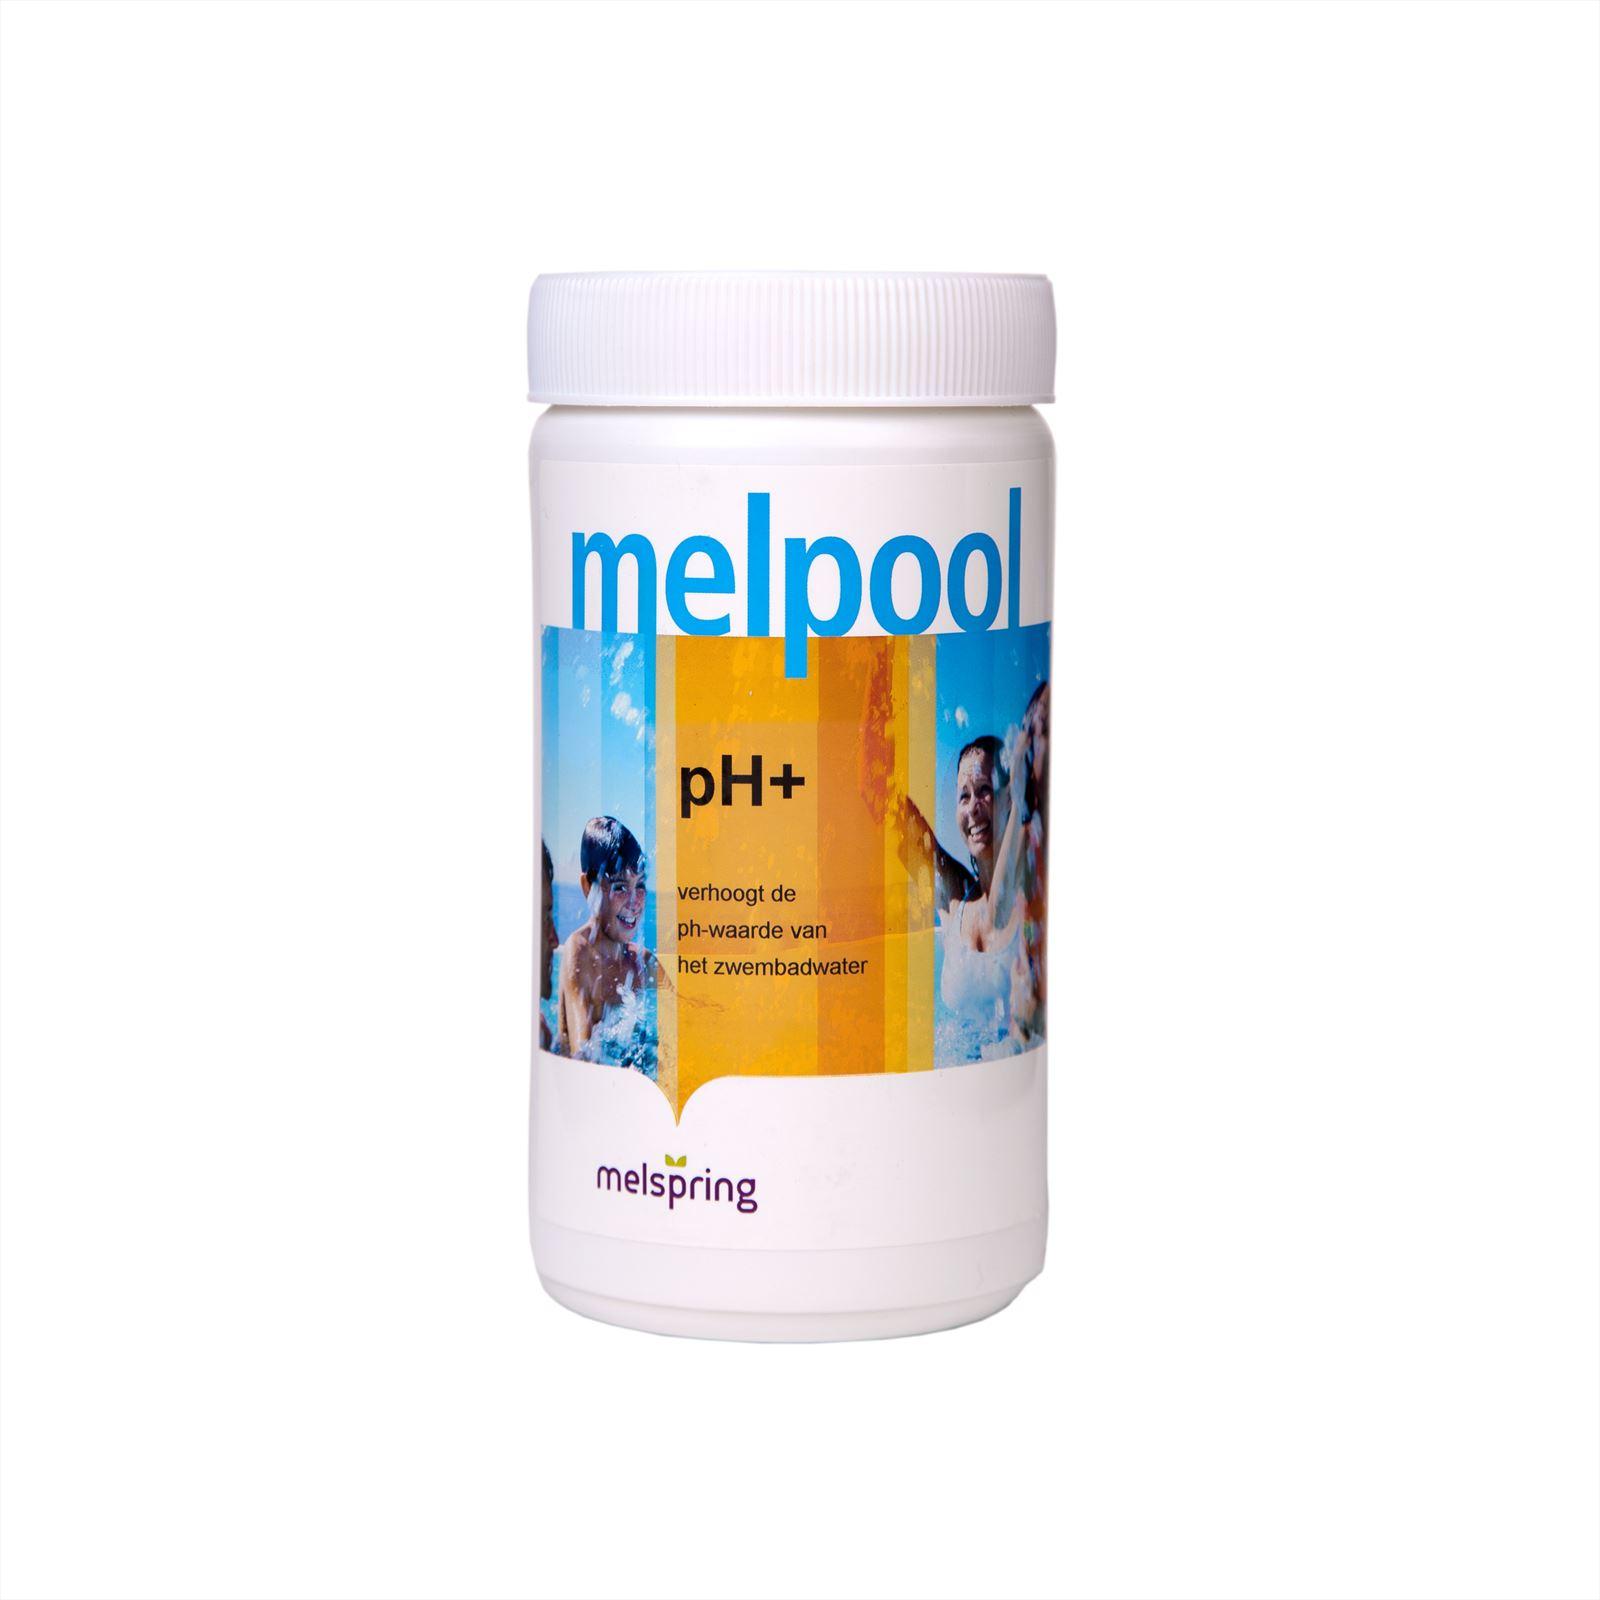 Melpool pH+, voor verhogen van pH-waarde van water in spabaden, 1 kg